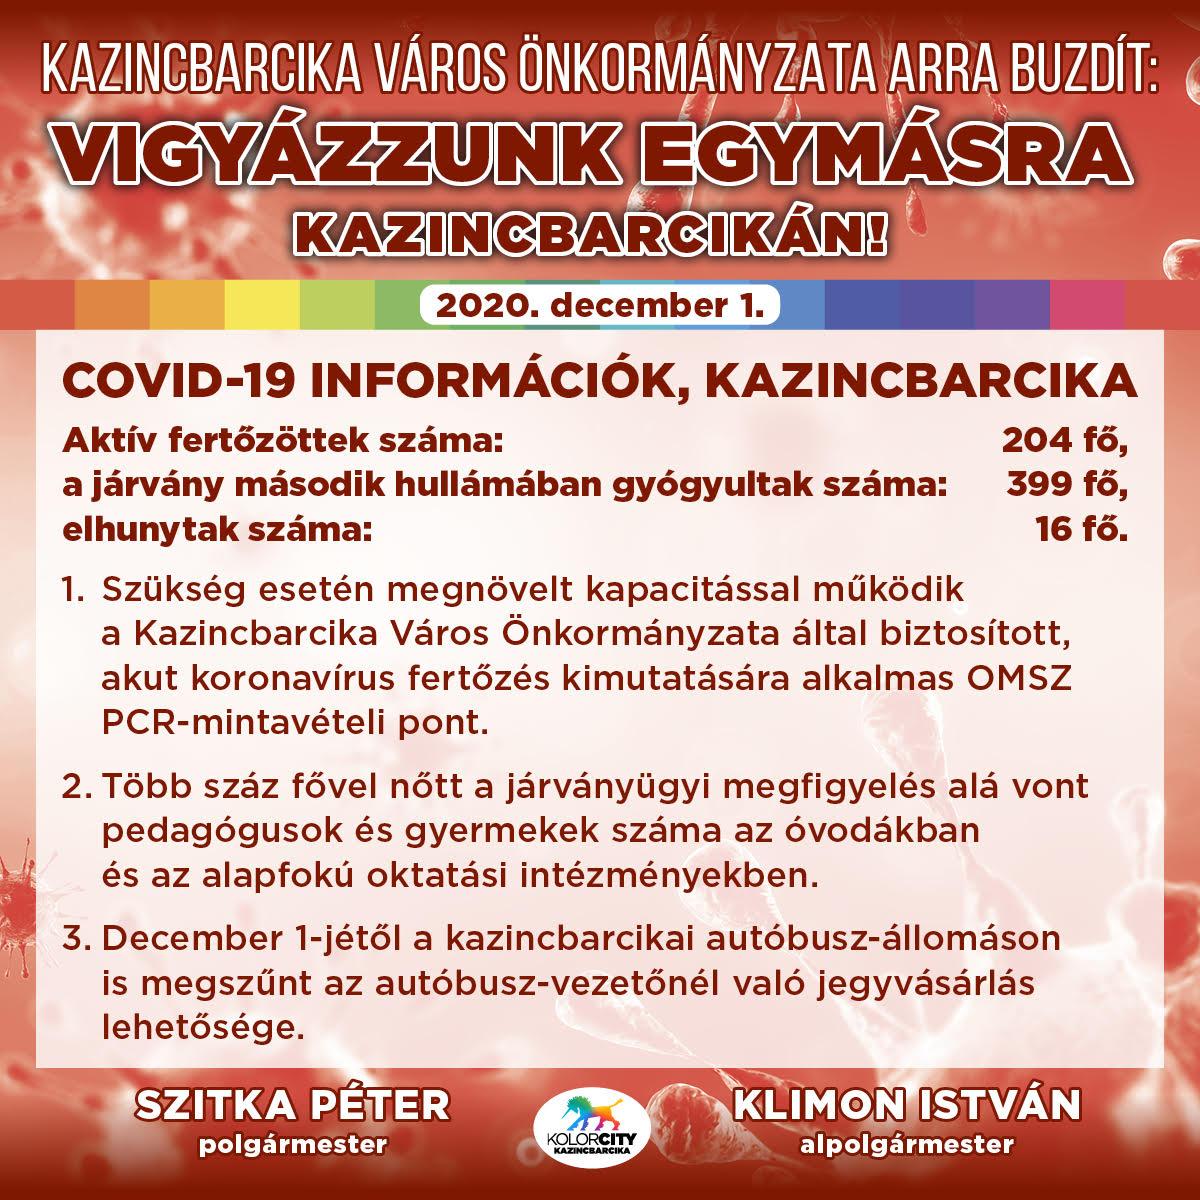 https://kolorline.hu/Vigyázzunk egymásra Kazincbarcikán! – 2020. december 1.